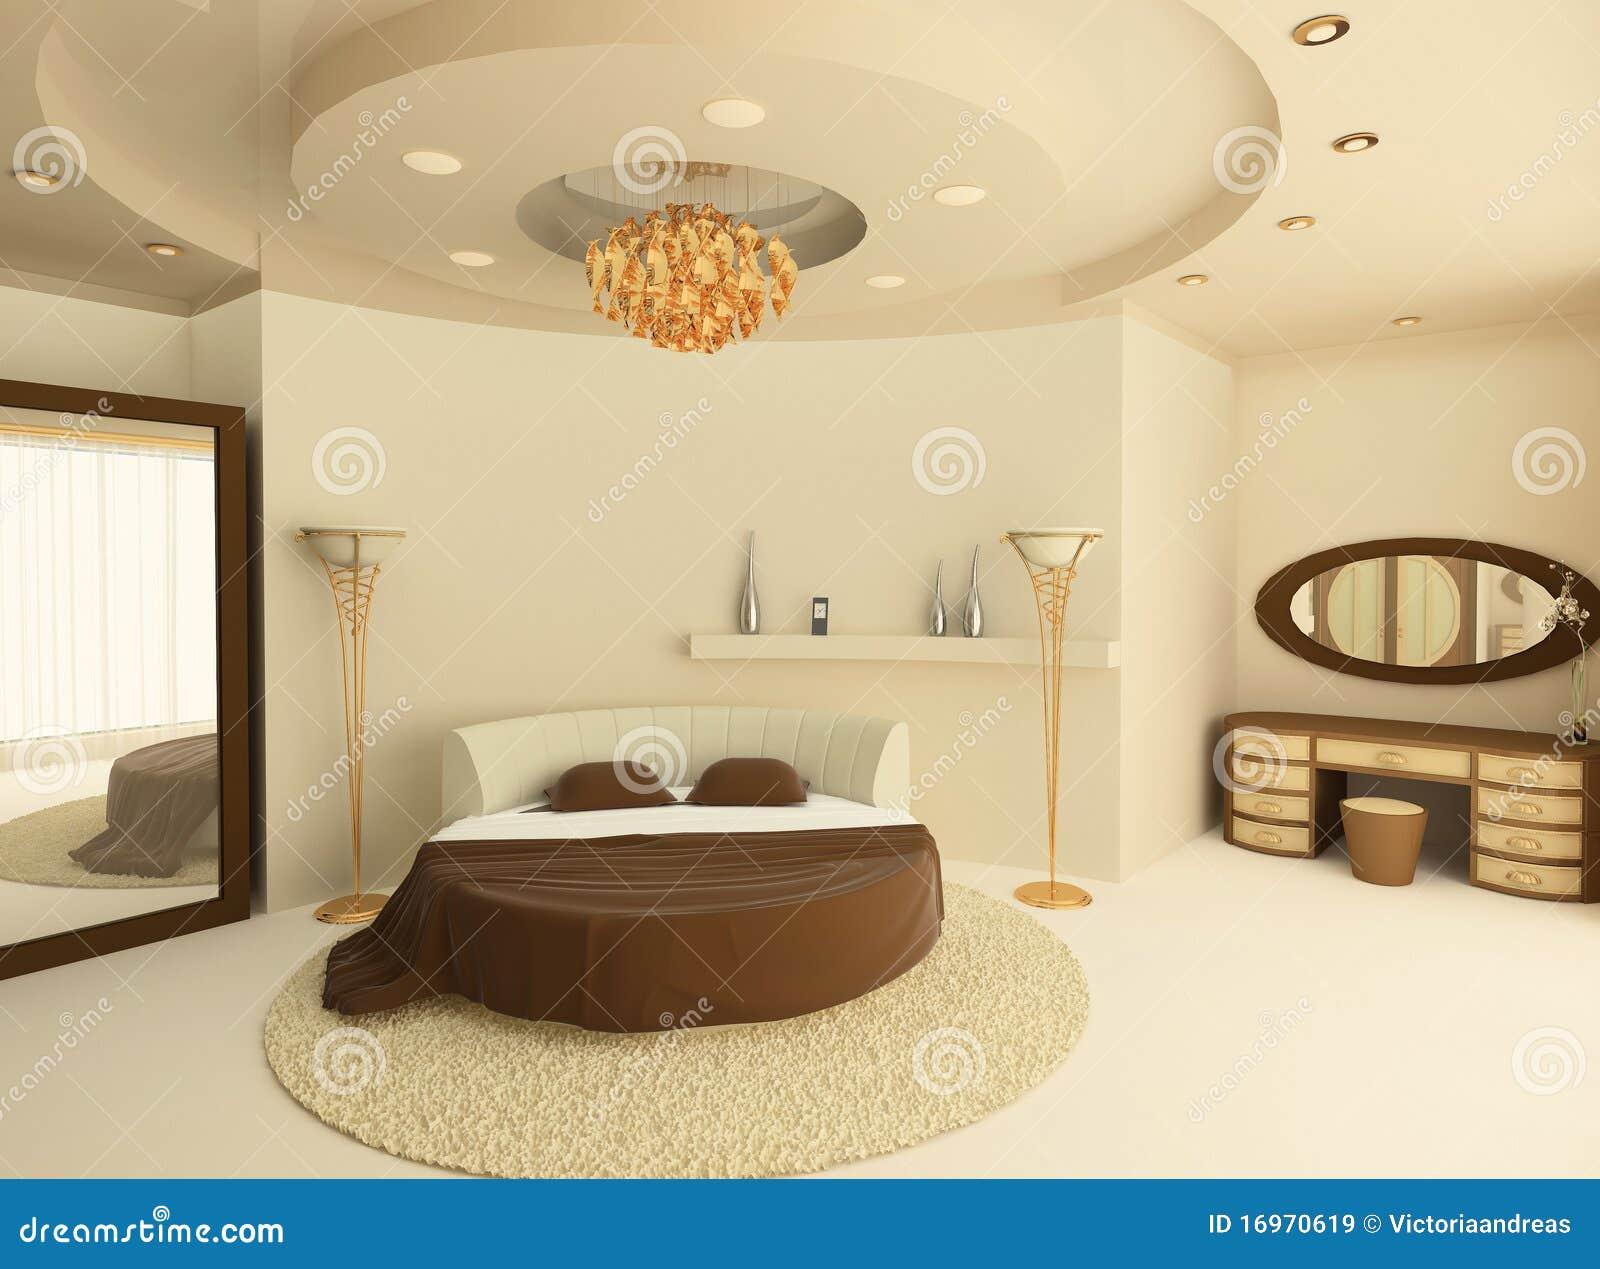 Rond bed met een opgeschort plafond in slaapkamer royalty vrije stock afbeeldingen afbeelding - Klassiek bed ...